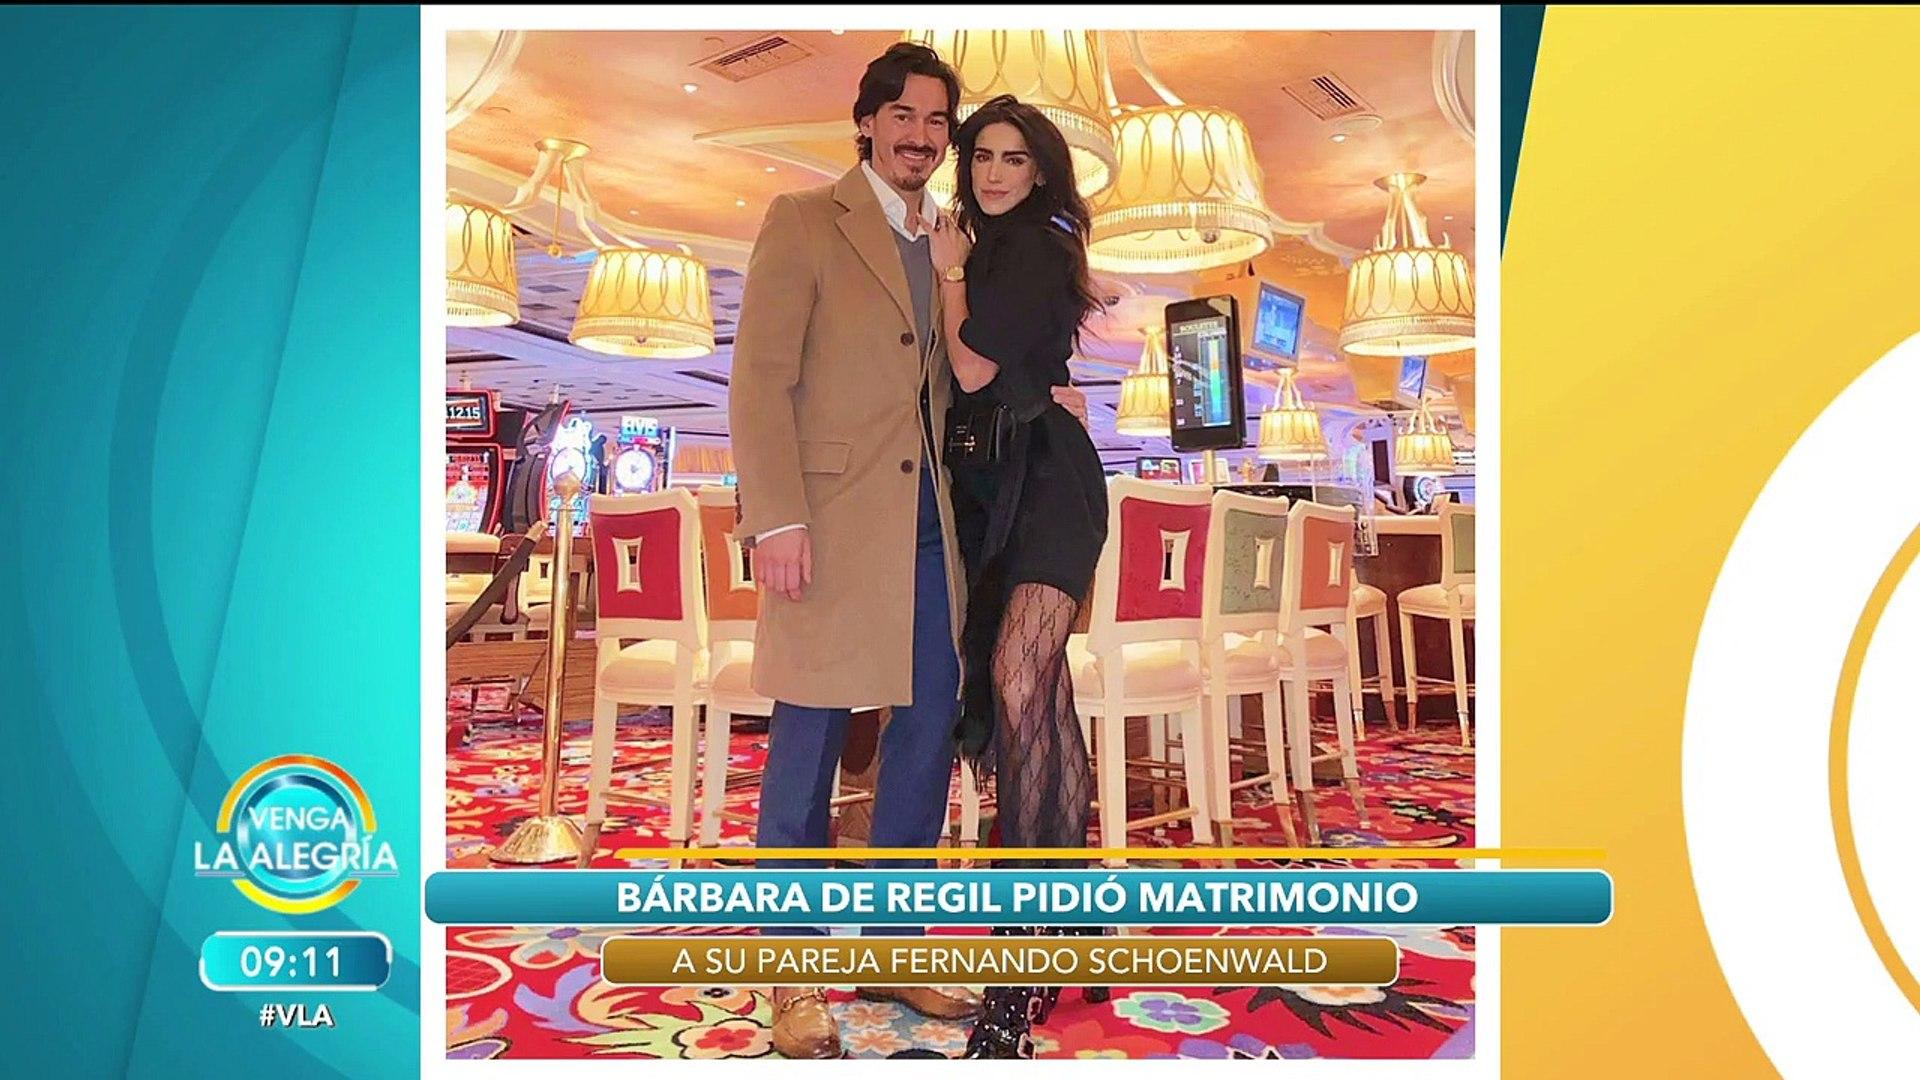 Bárbara de Regil renovará votos con su esposo tras cinco años juntos. | Venga La Alegría